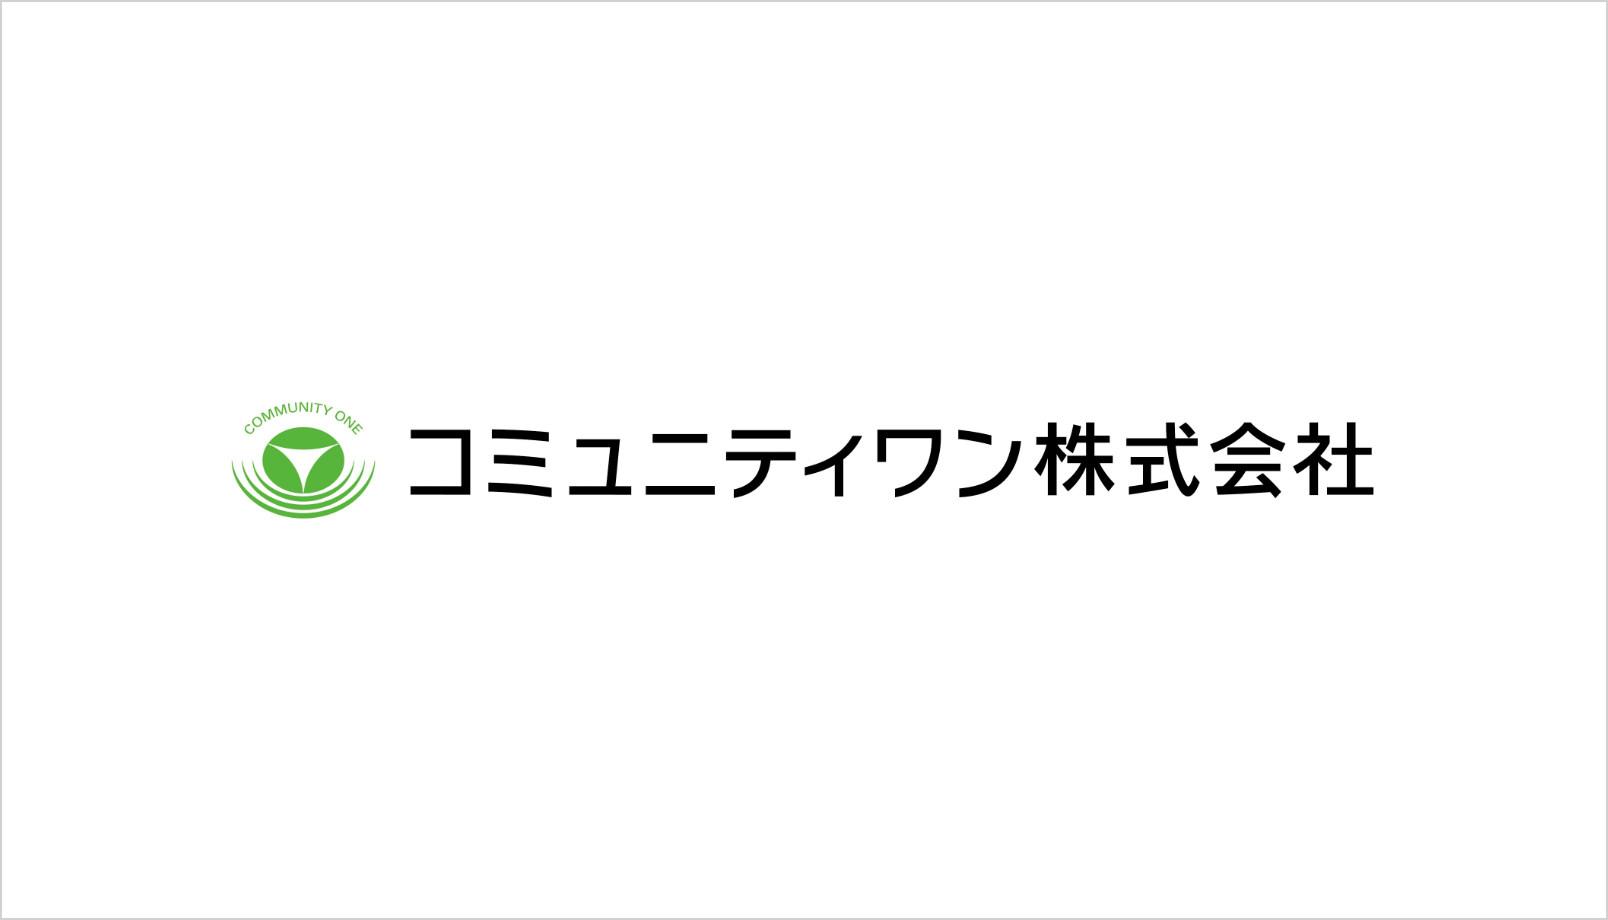 コミュニティー 東急